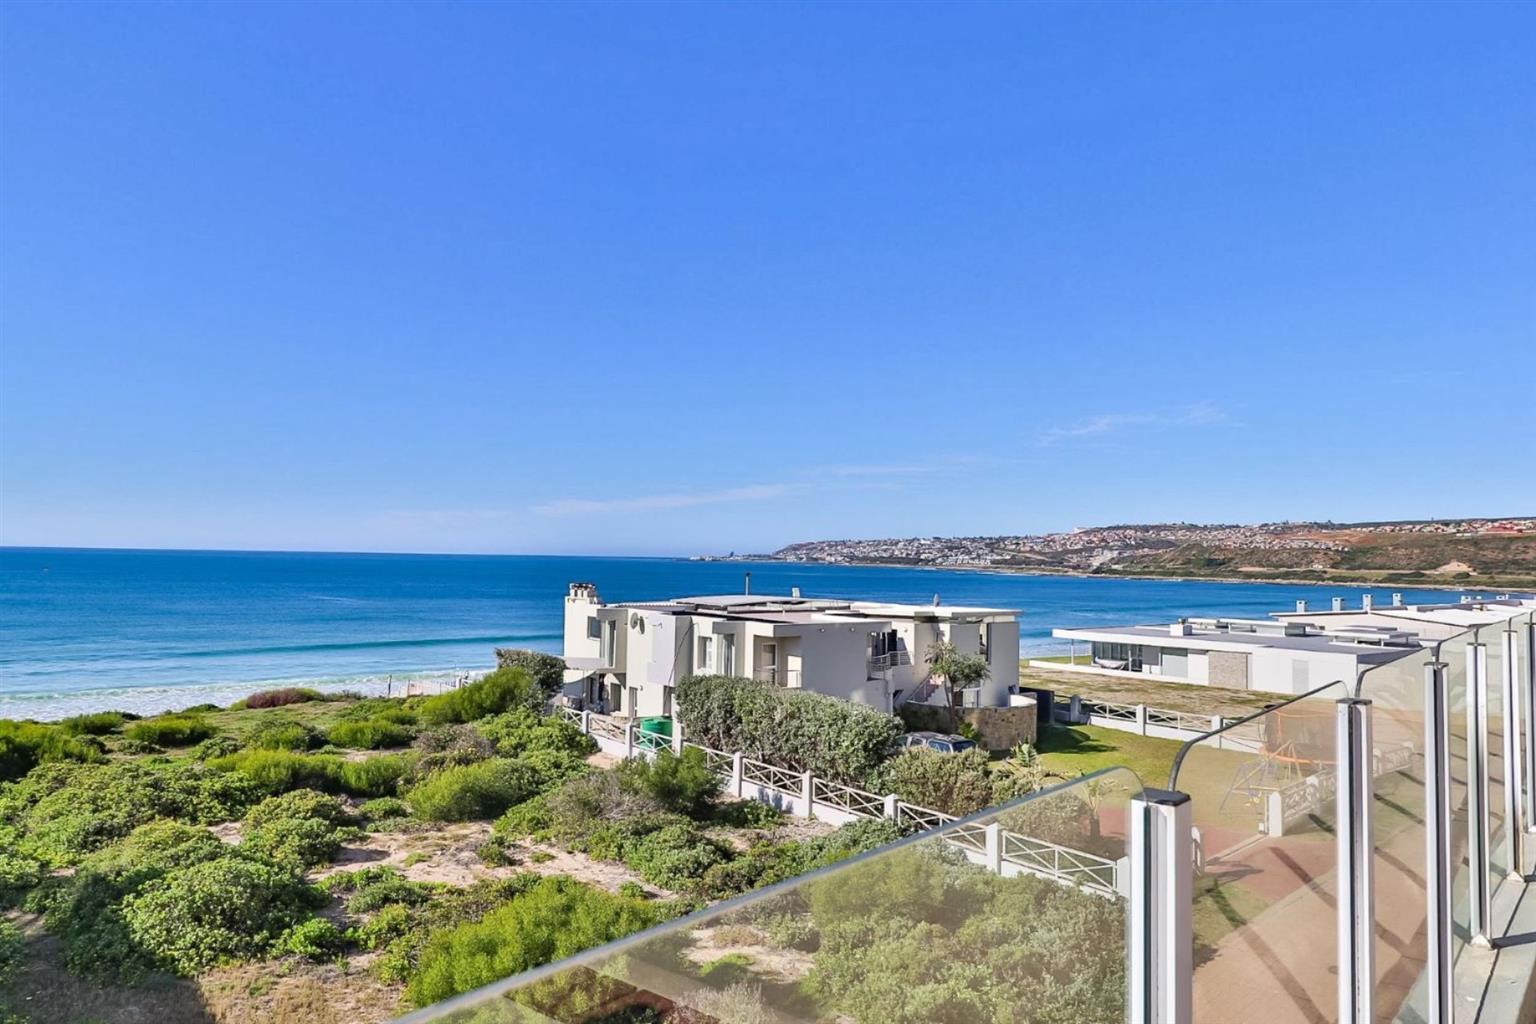 Apartment Auction in DIAZ BEACH